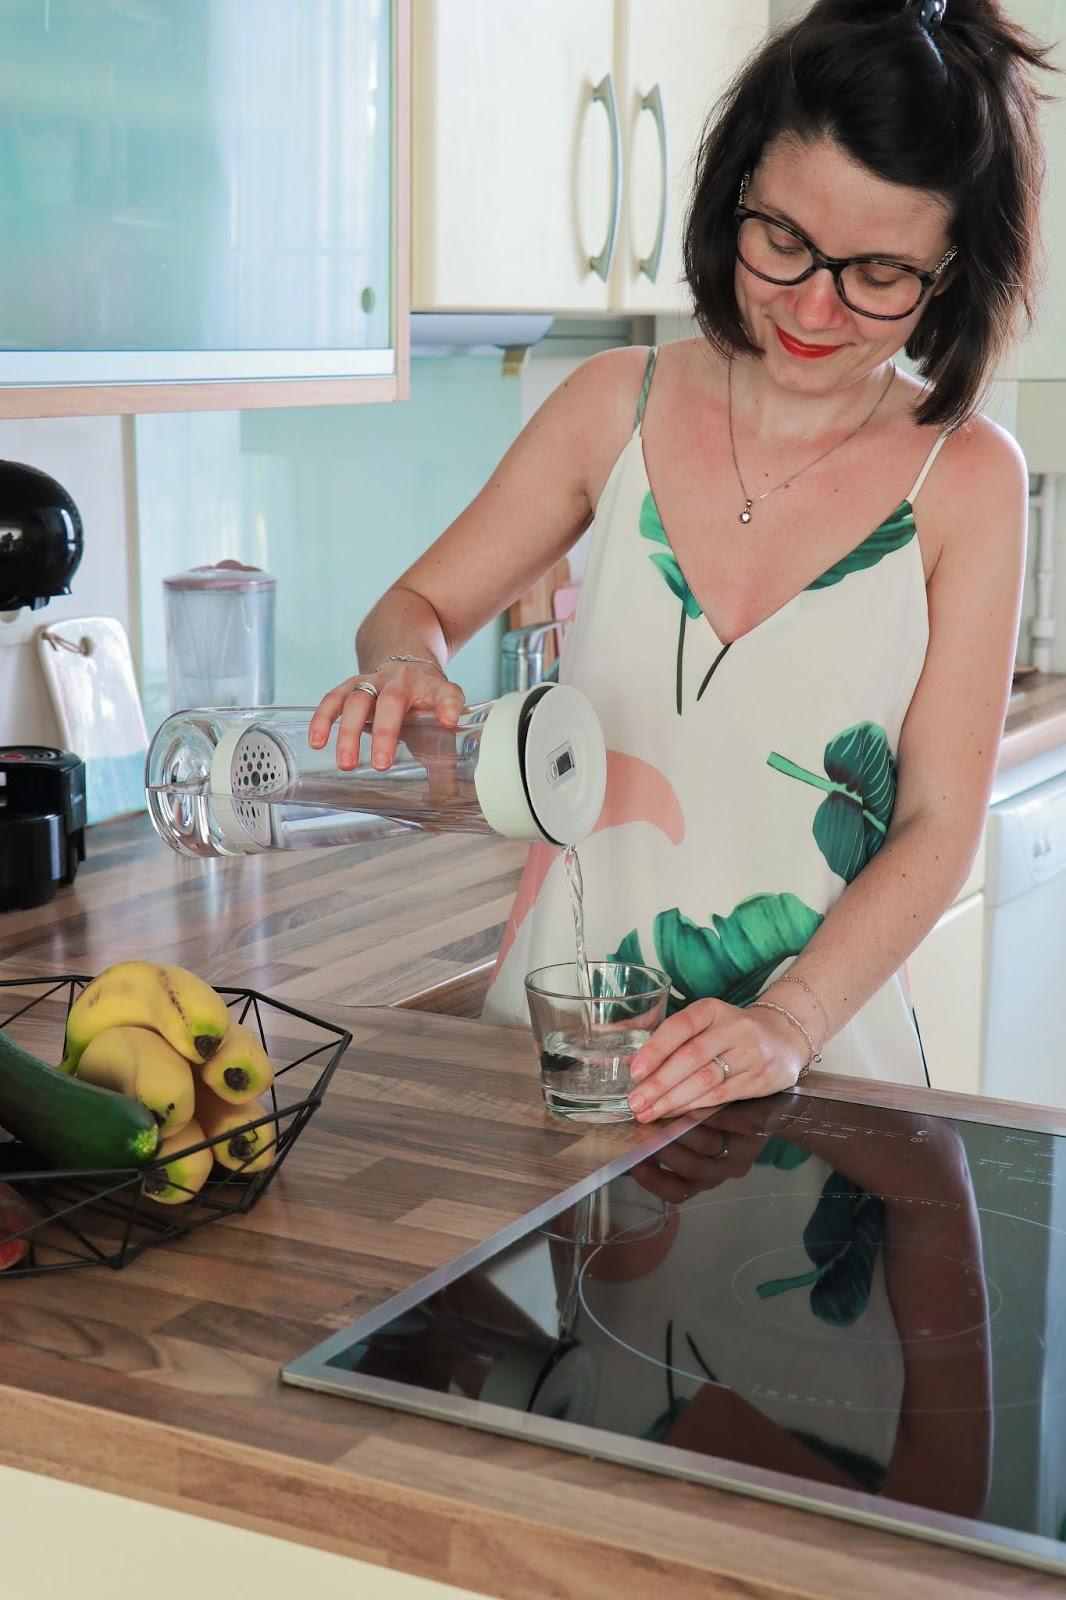 cuisine brita maison décoration déco intérieure carafe filtrante les gommettes de melo propriétaire shein